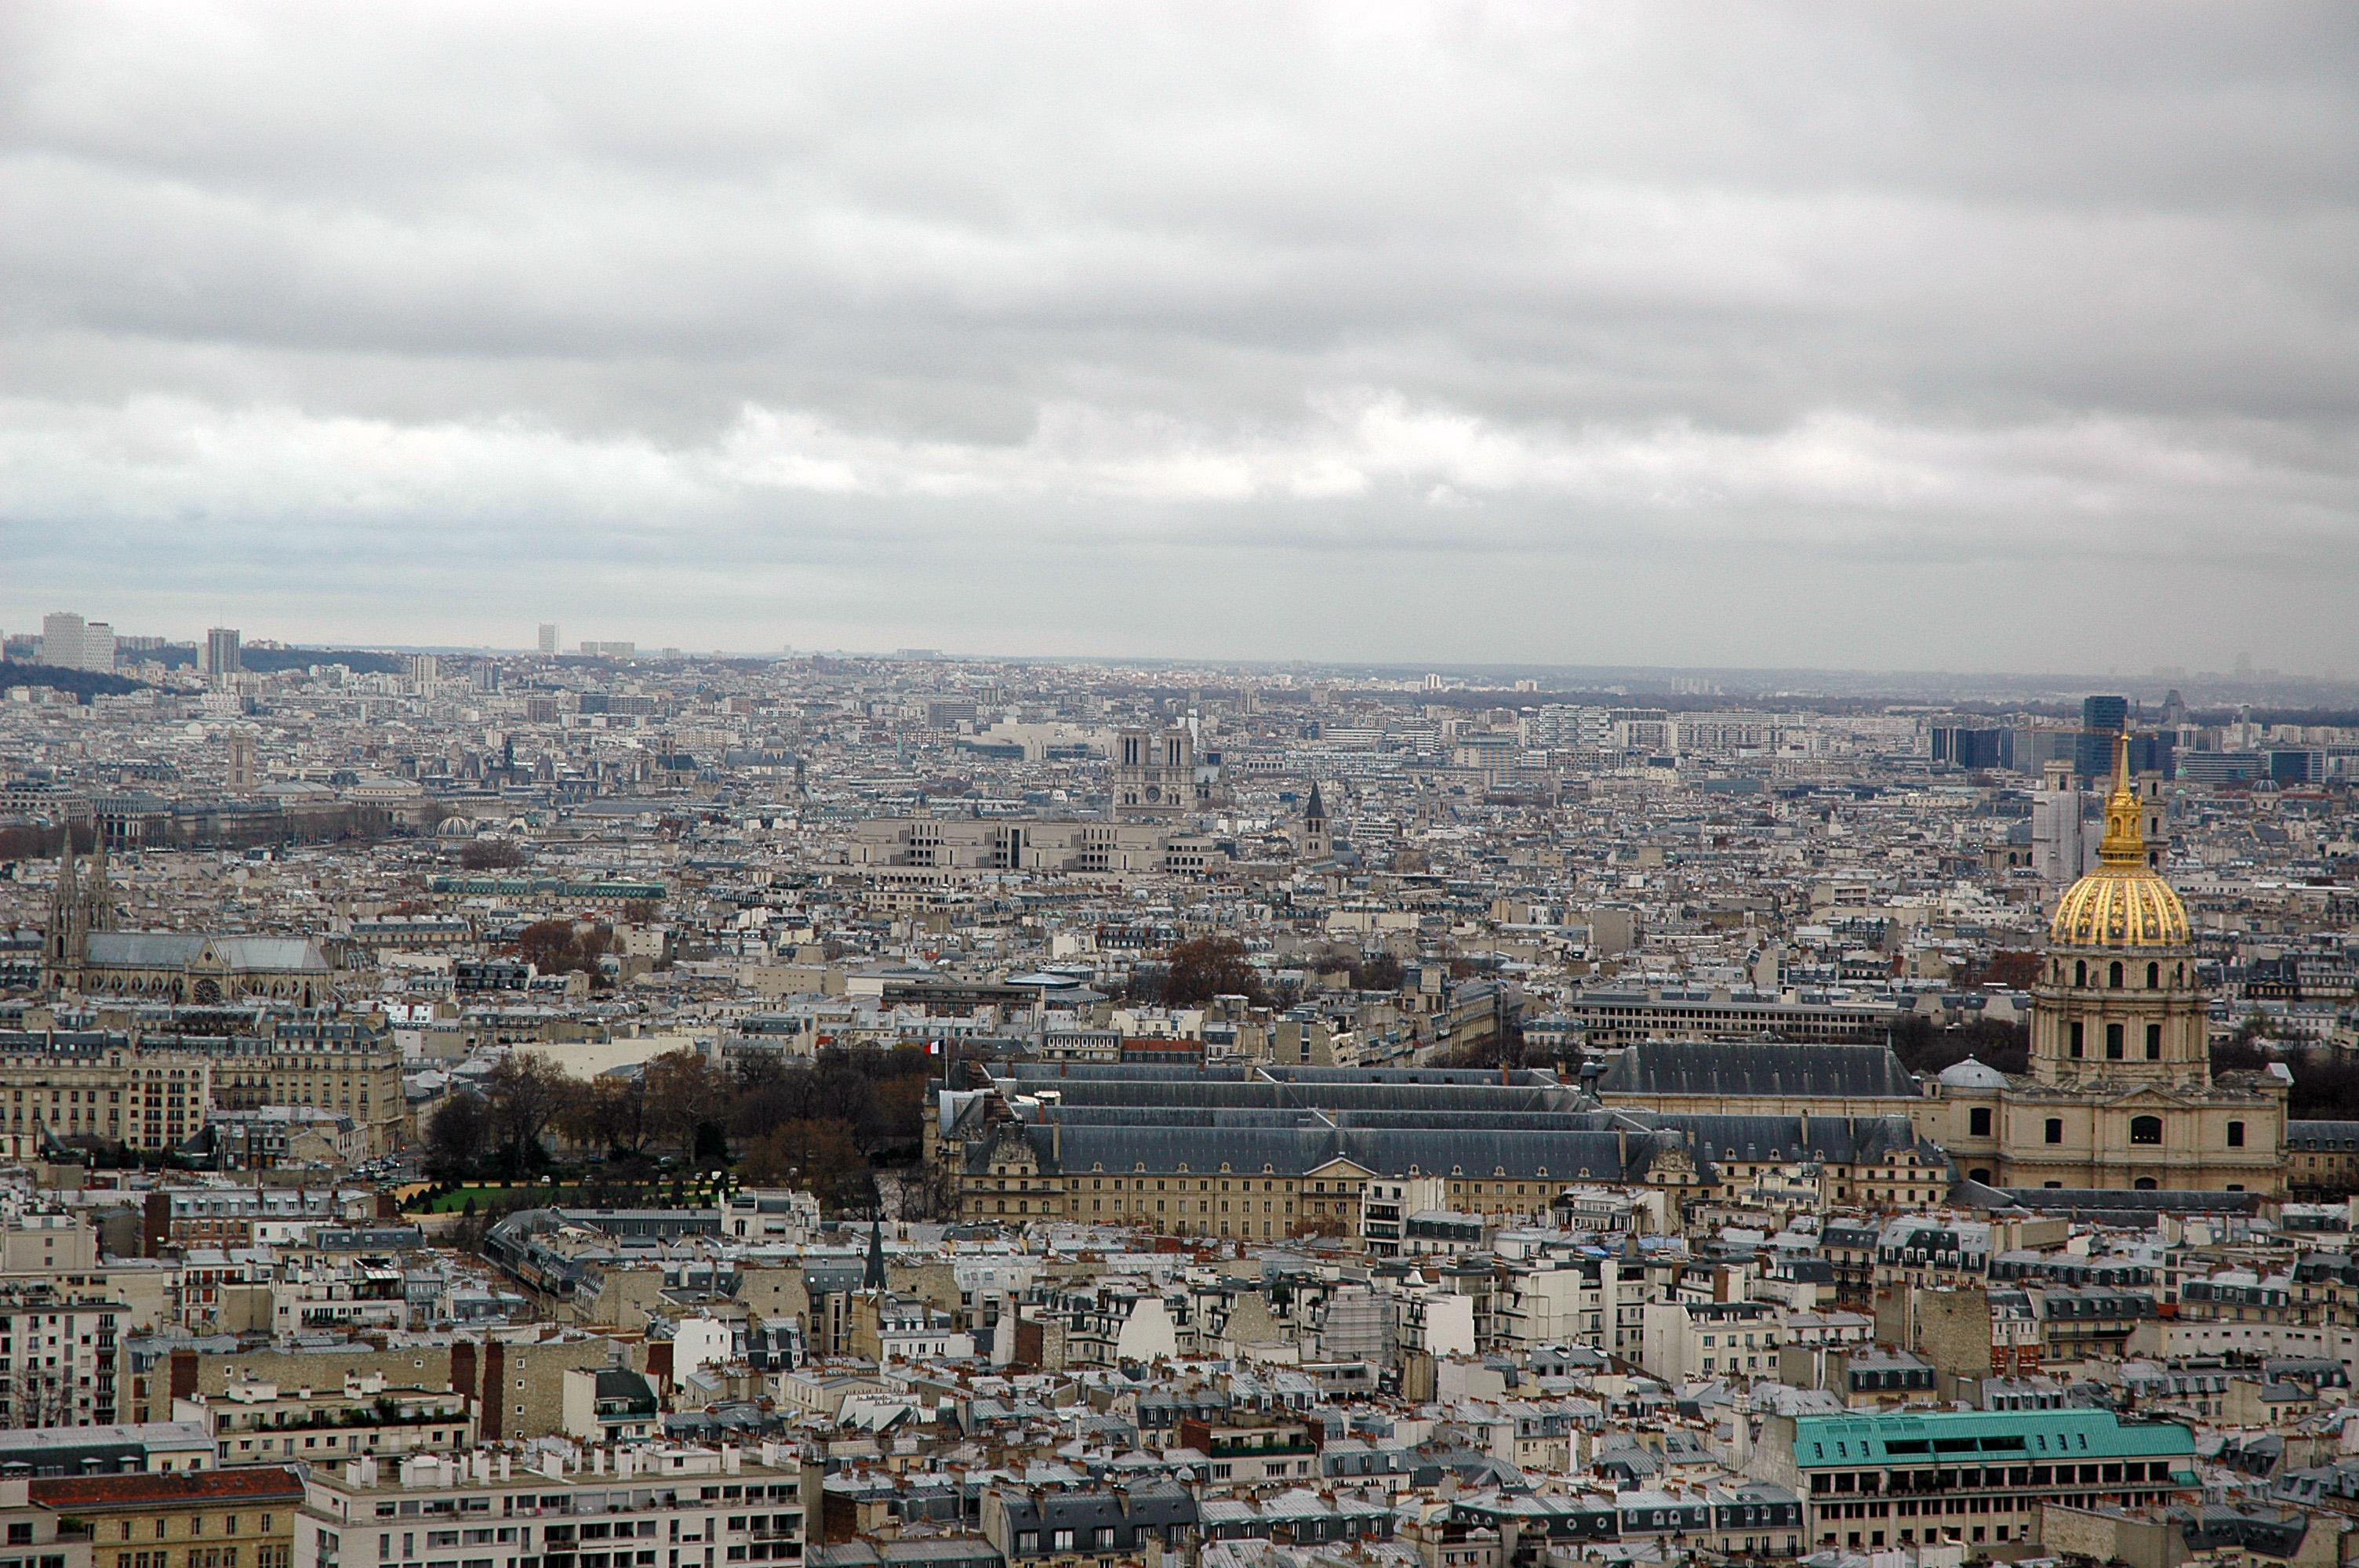 Paris Skyline, Buildings, City, Cityscape, Clouds, HQ Photo